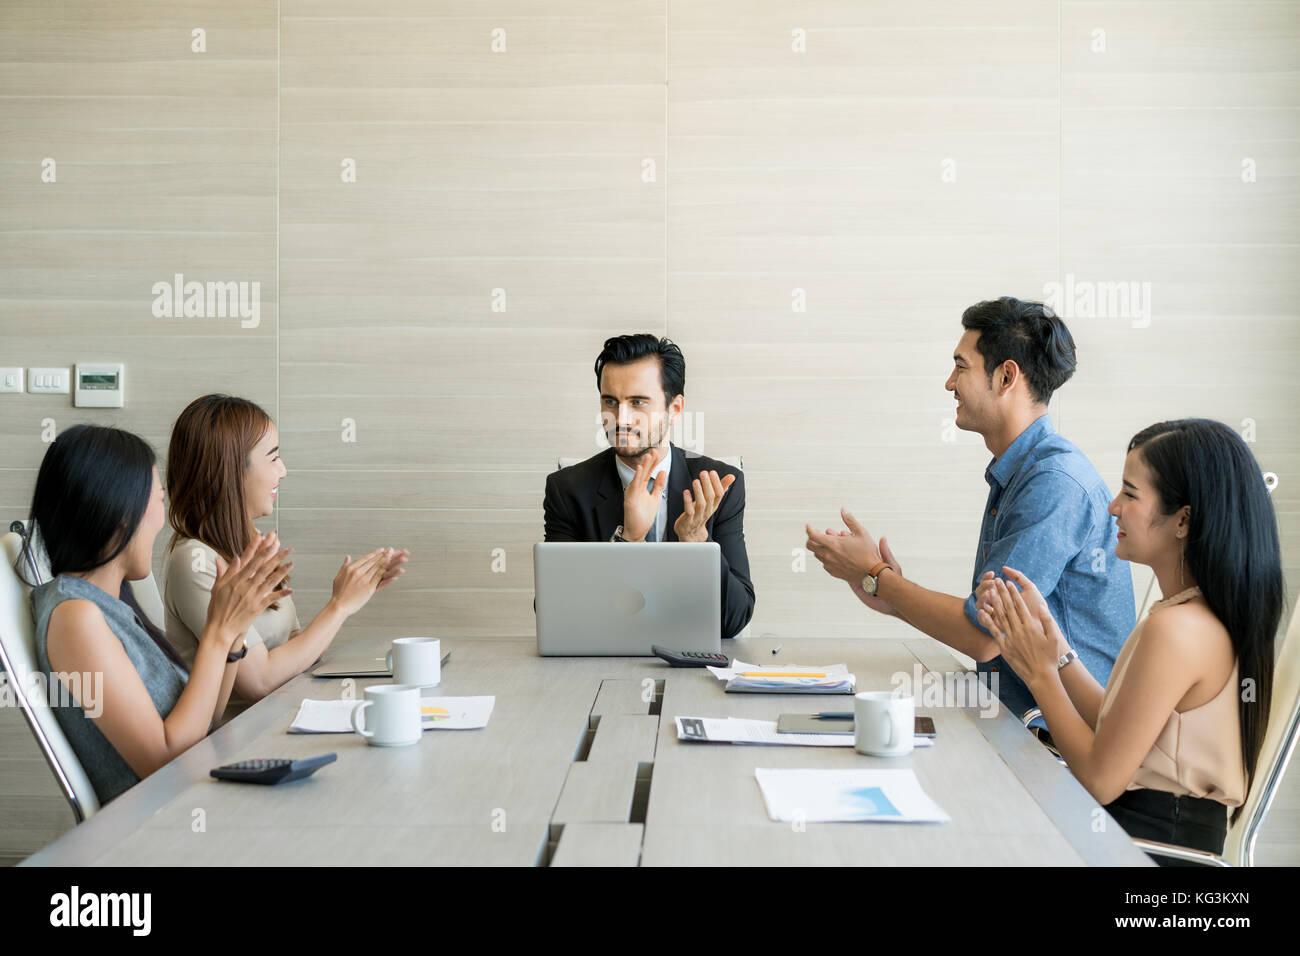 Manos de socios comerciales aplaudiendo al periodista después de escuchar su presentación en reunión. Foto de stock